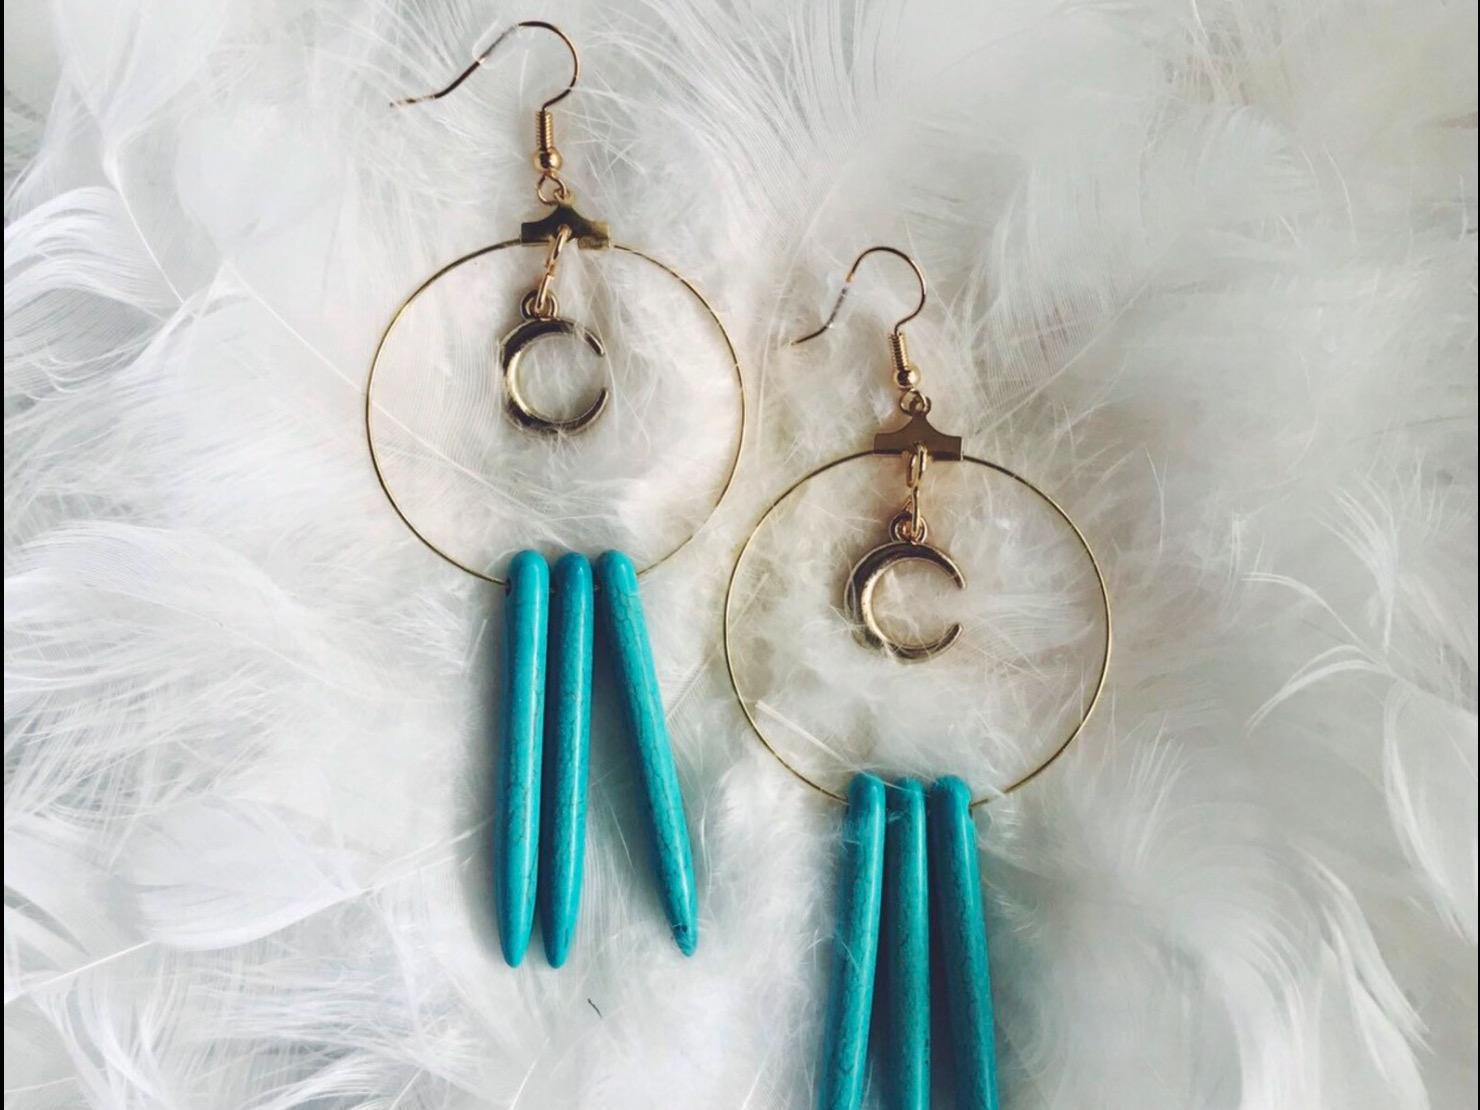 Ina Maka earrings